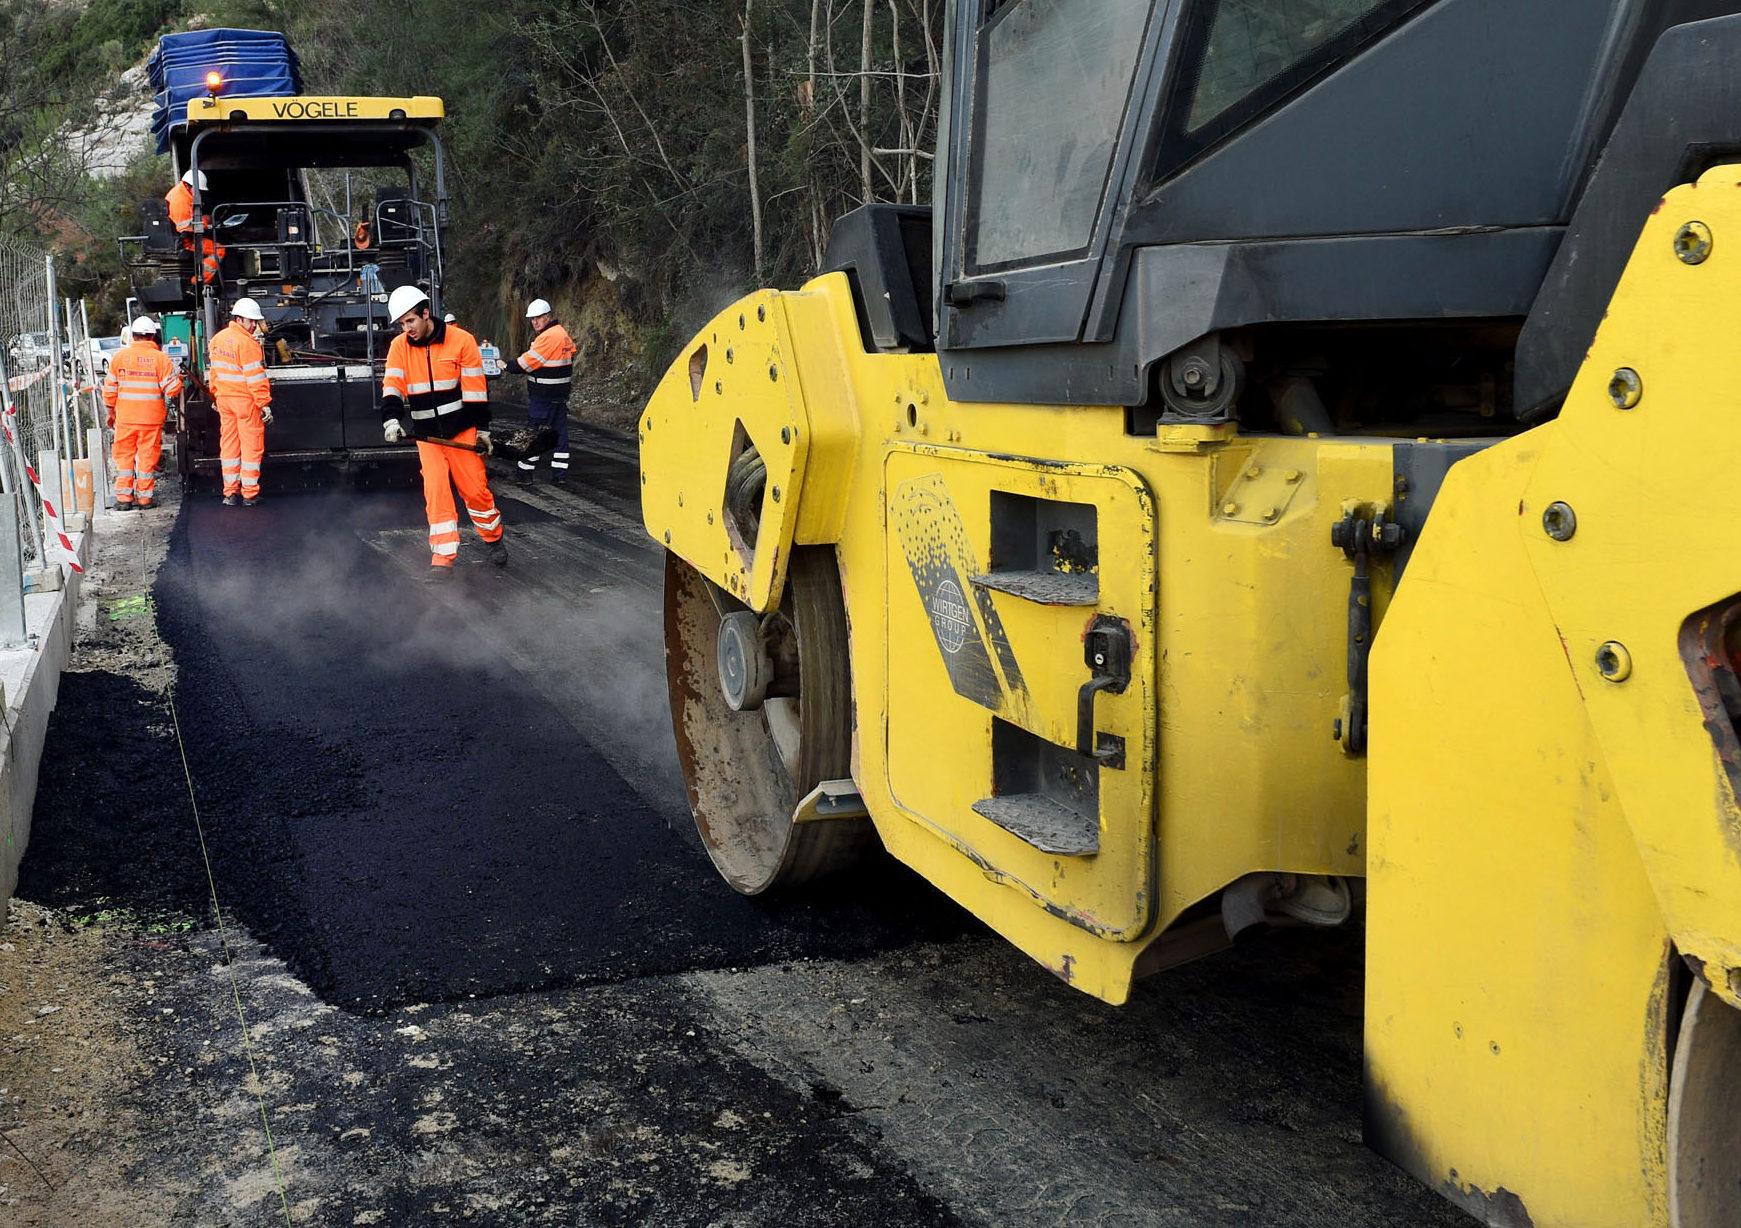 Maquinaria realizando trabajos de asfaltado.